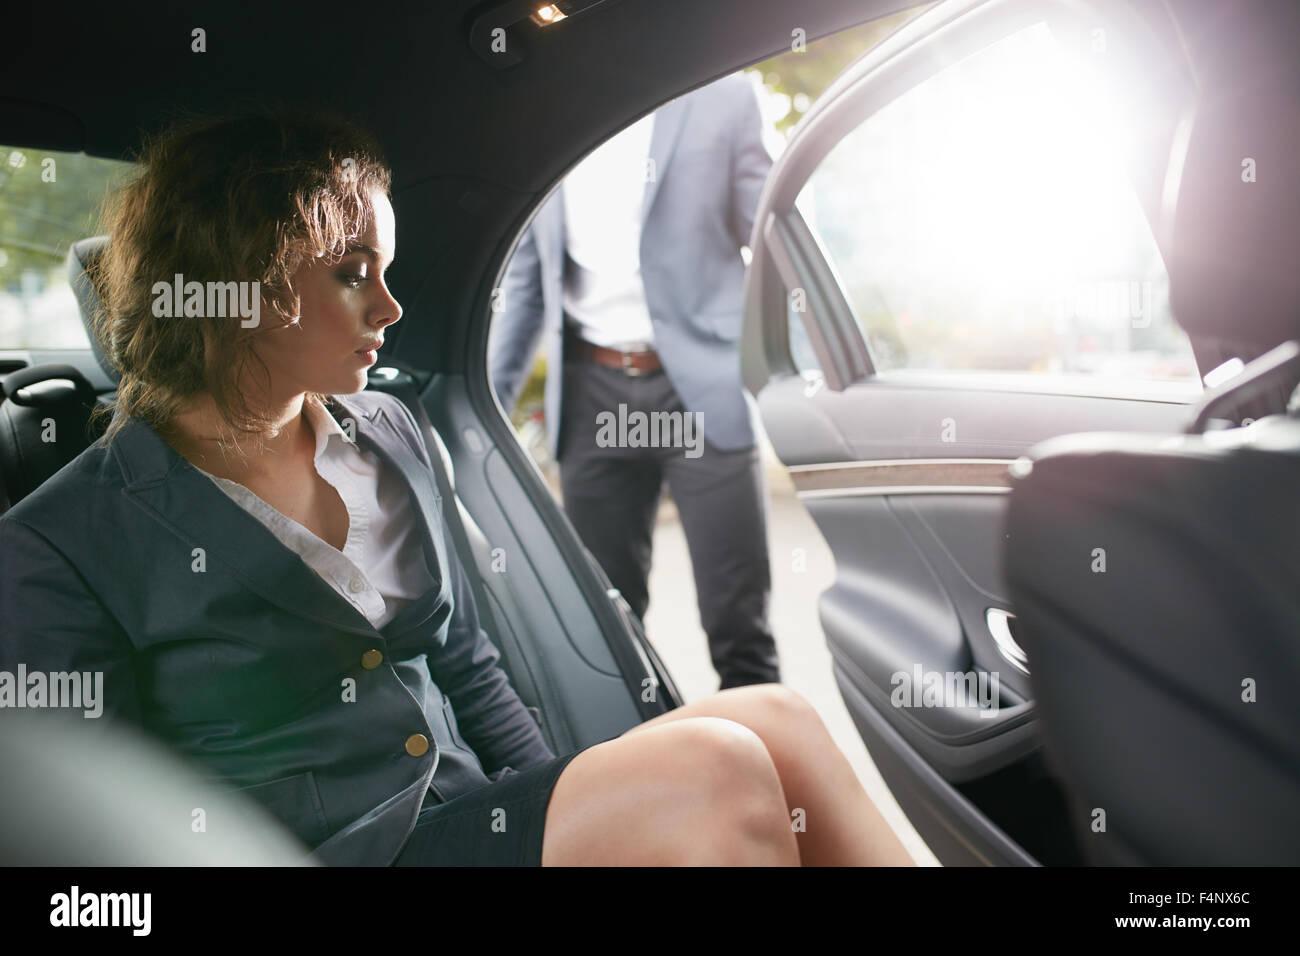 El hombre la apertura de una puerta del pasajero para una empresaria salir de un coche. Emprendedor femenino viaja Imagen De Stock